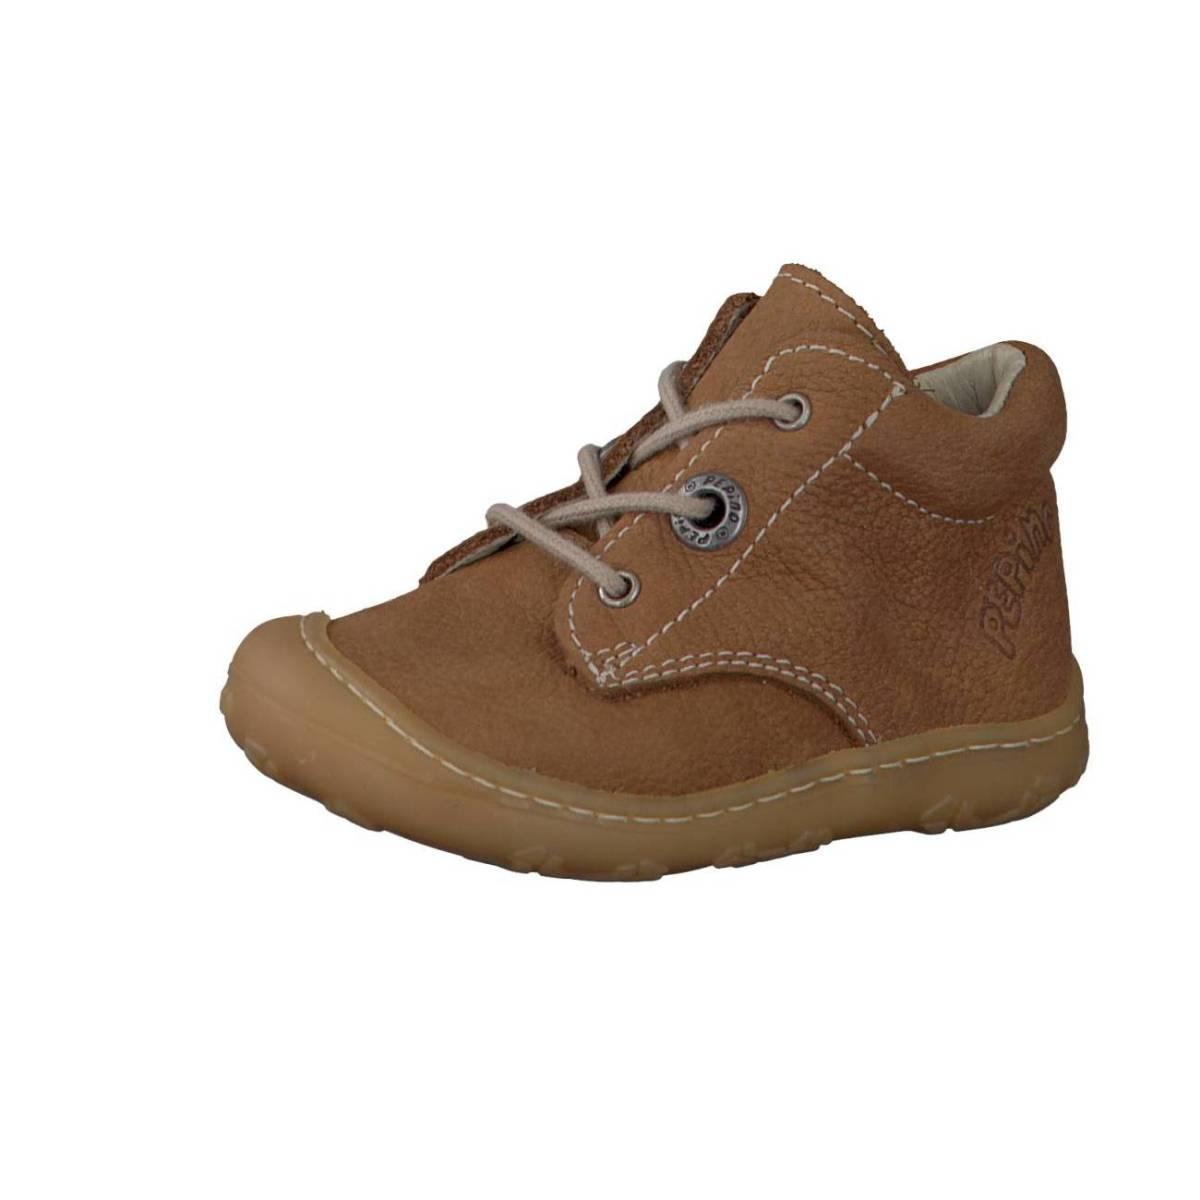 Ricosta Pepino Cory braun curry Lauflernschuhe Stiefelchen Boots Jungen Mädchen